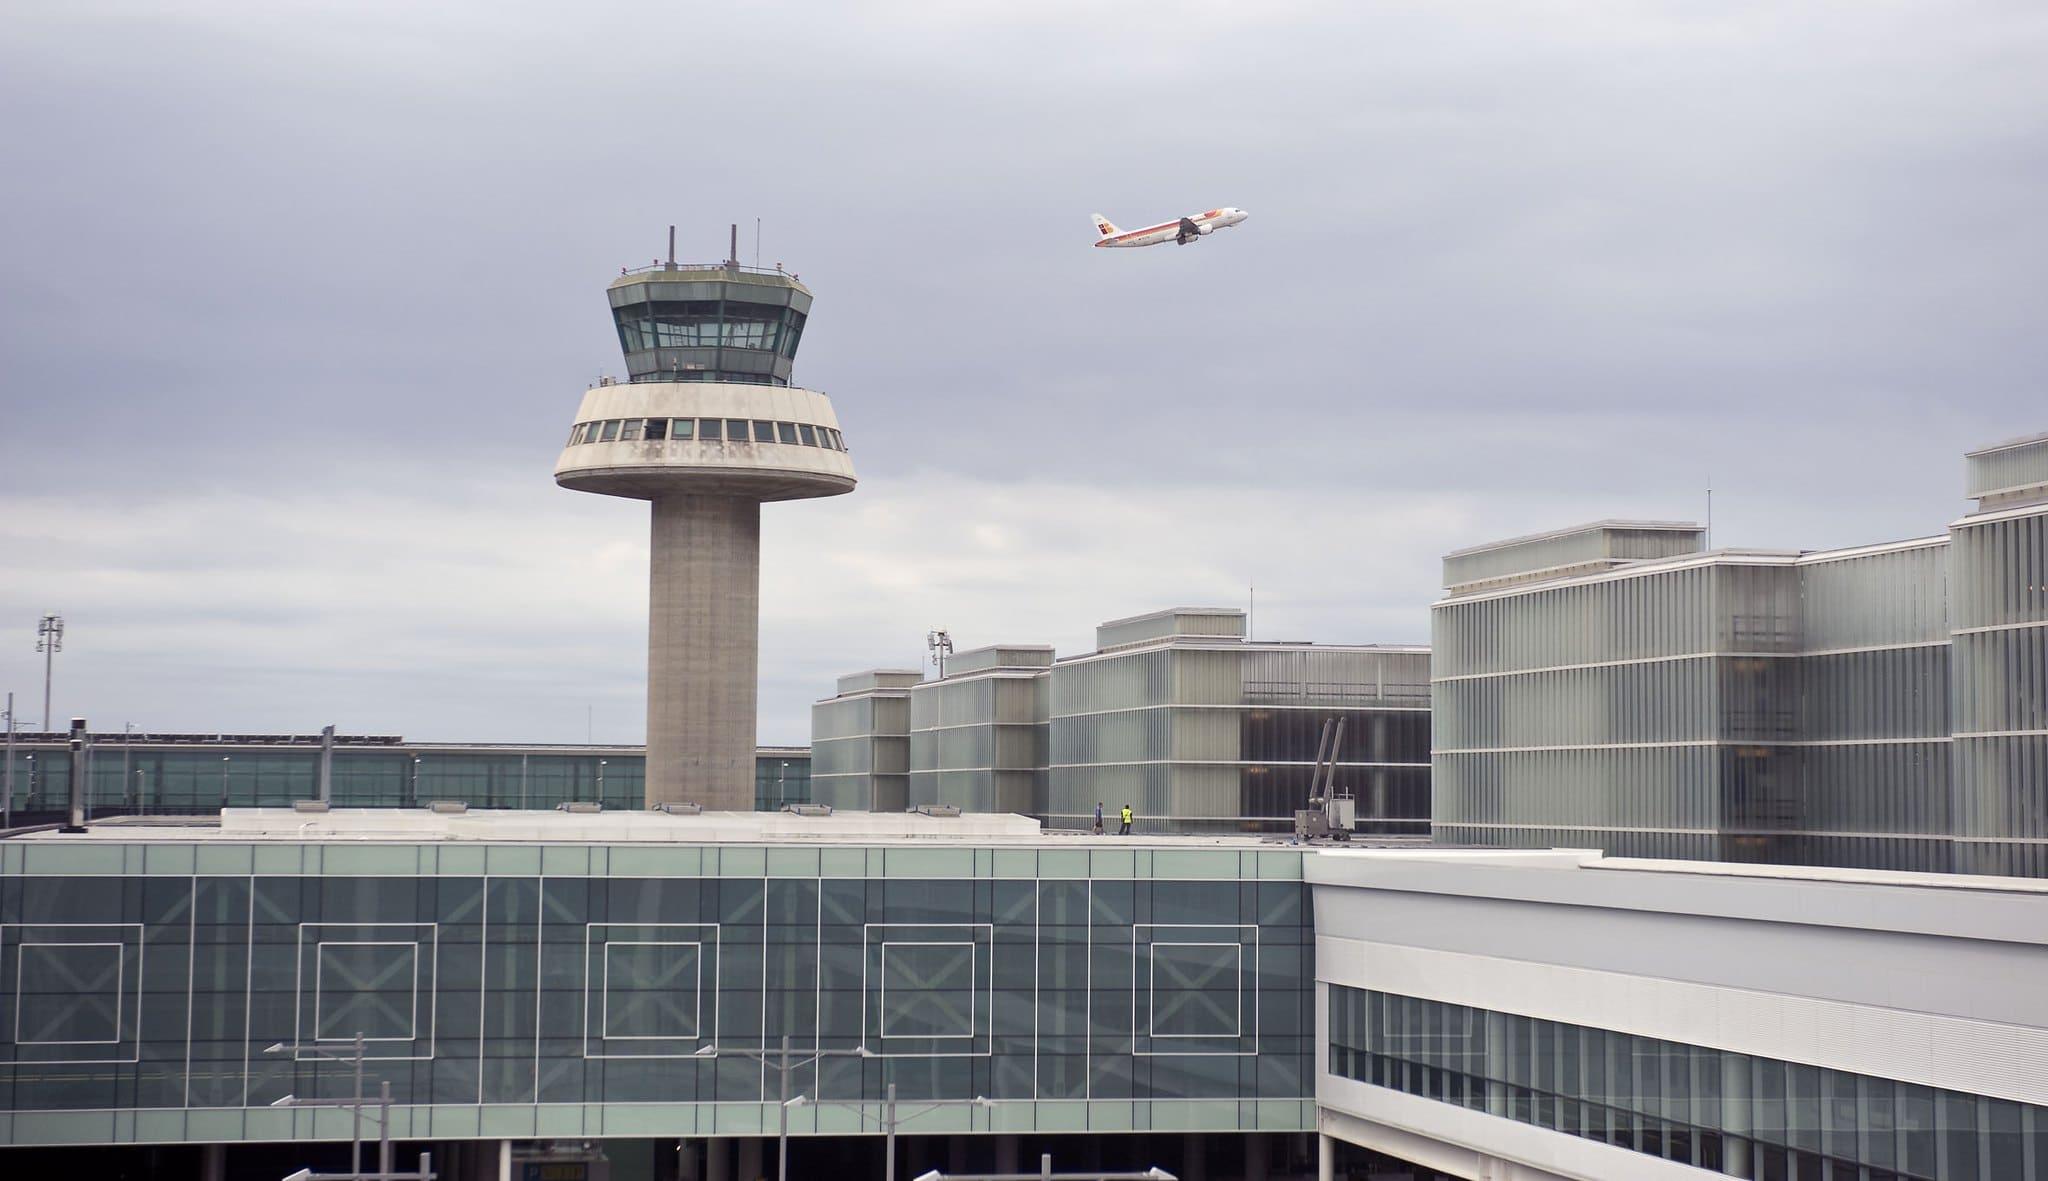 aeroporto Tenerife Sud - Aeroporti di Tenerife